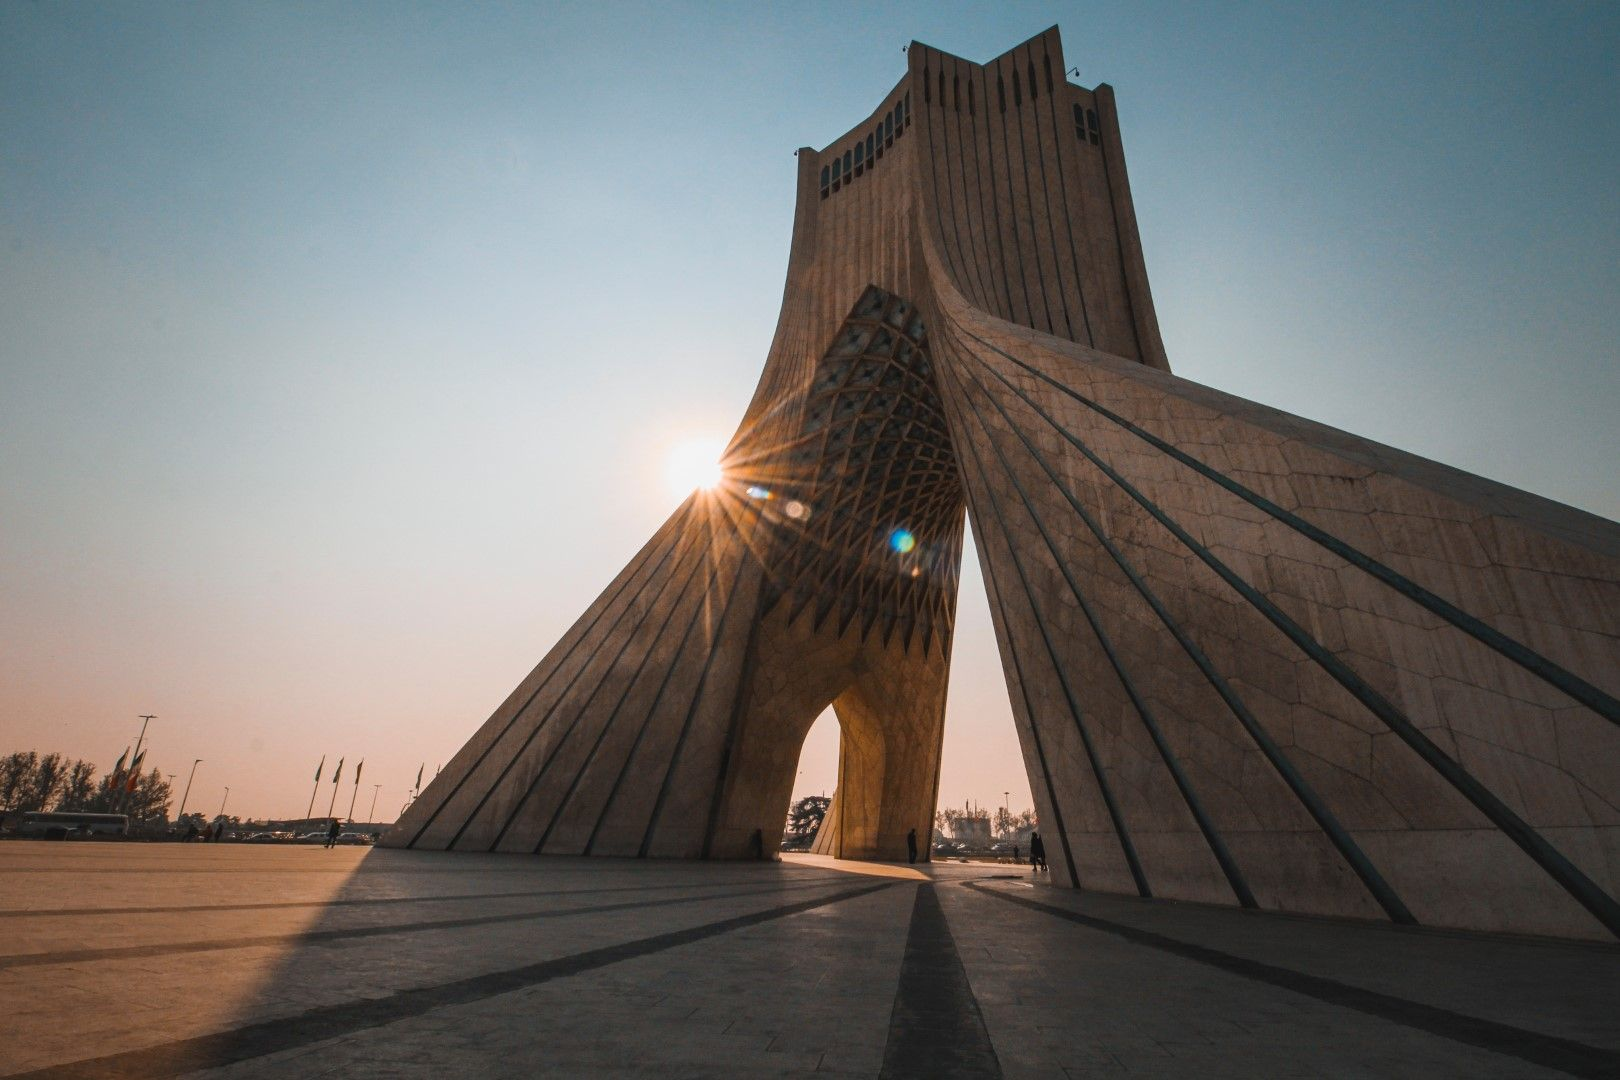 """Кулата """"Азади"""" (в превод """"Свобода"""") се намира на едноименния площад в Техеран и е издигната през 1971 г. по повод честването на 2500 години от основаването на Персийската империя. Под кулата има подземен музей."""